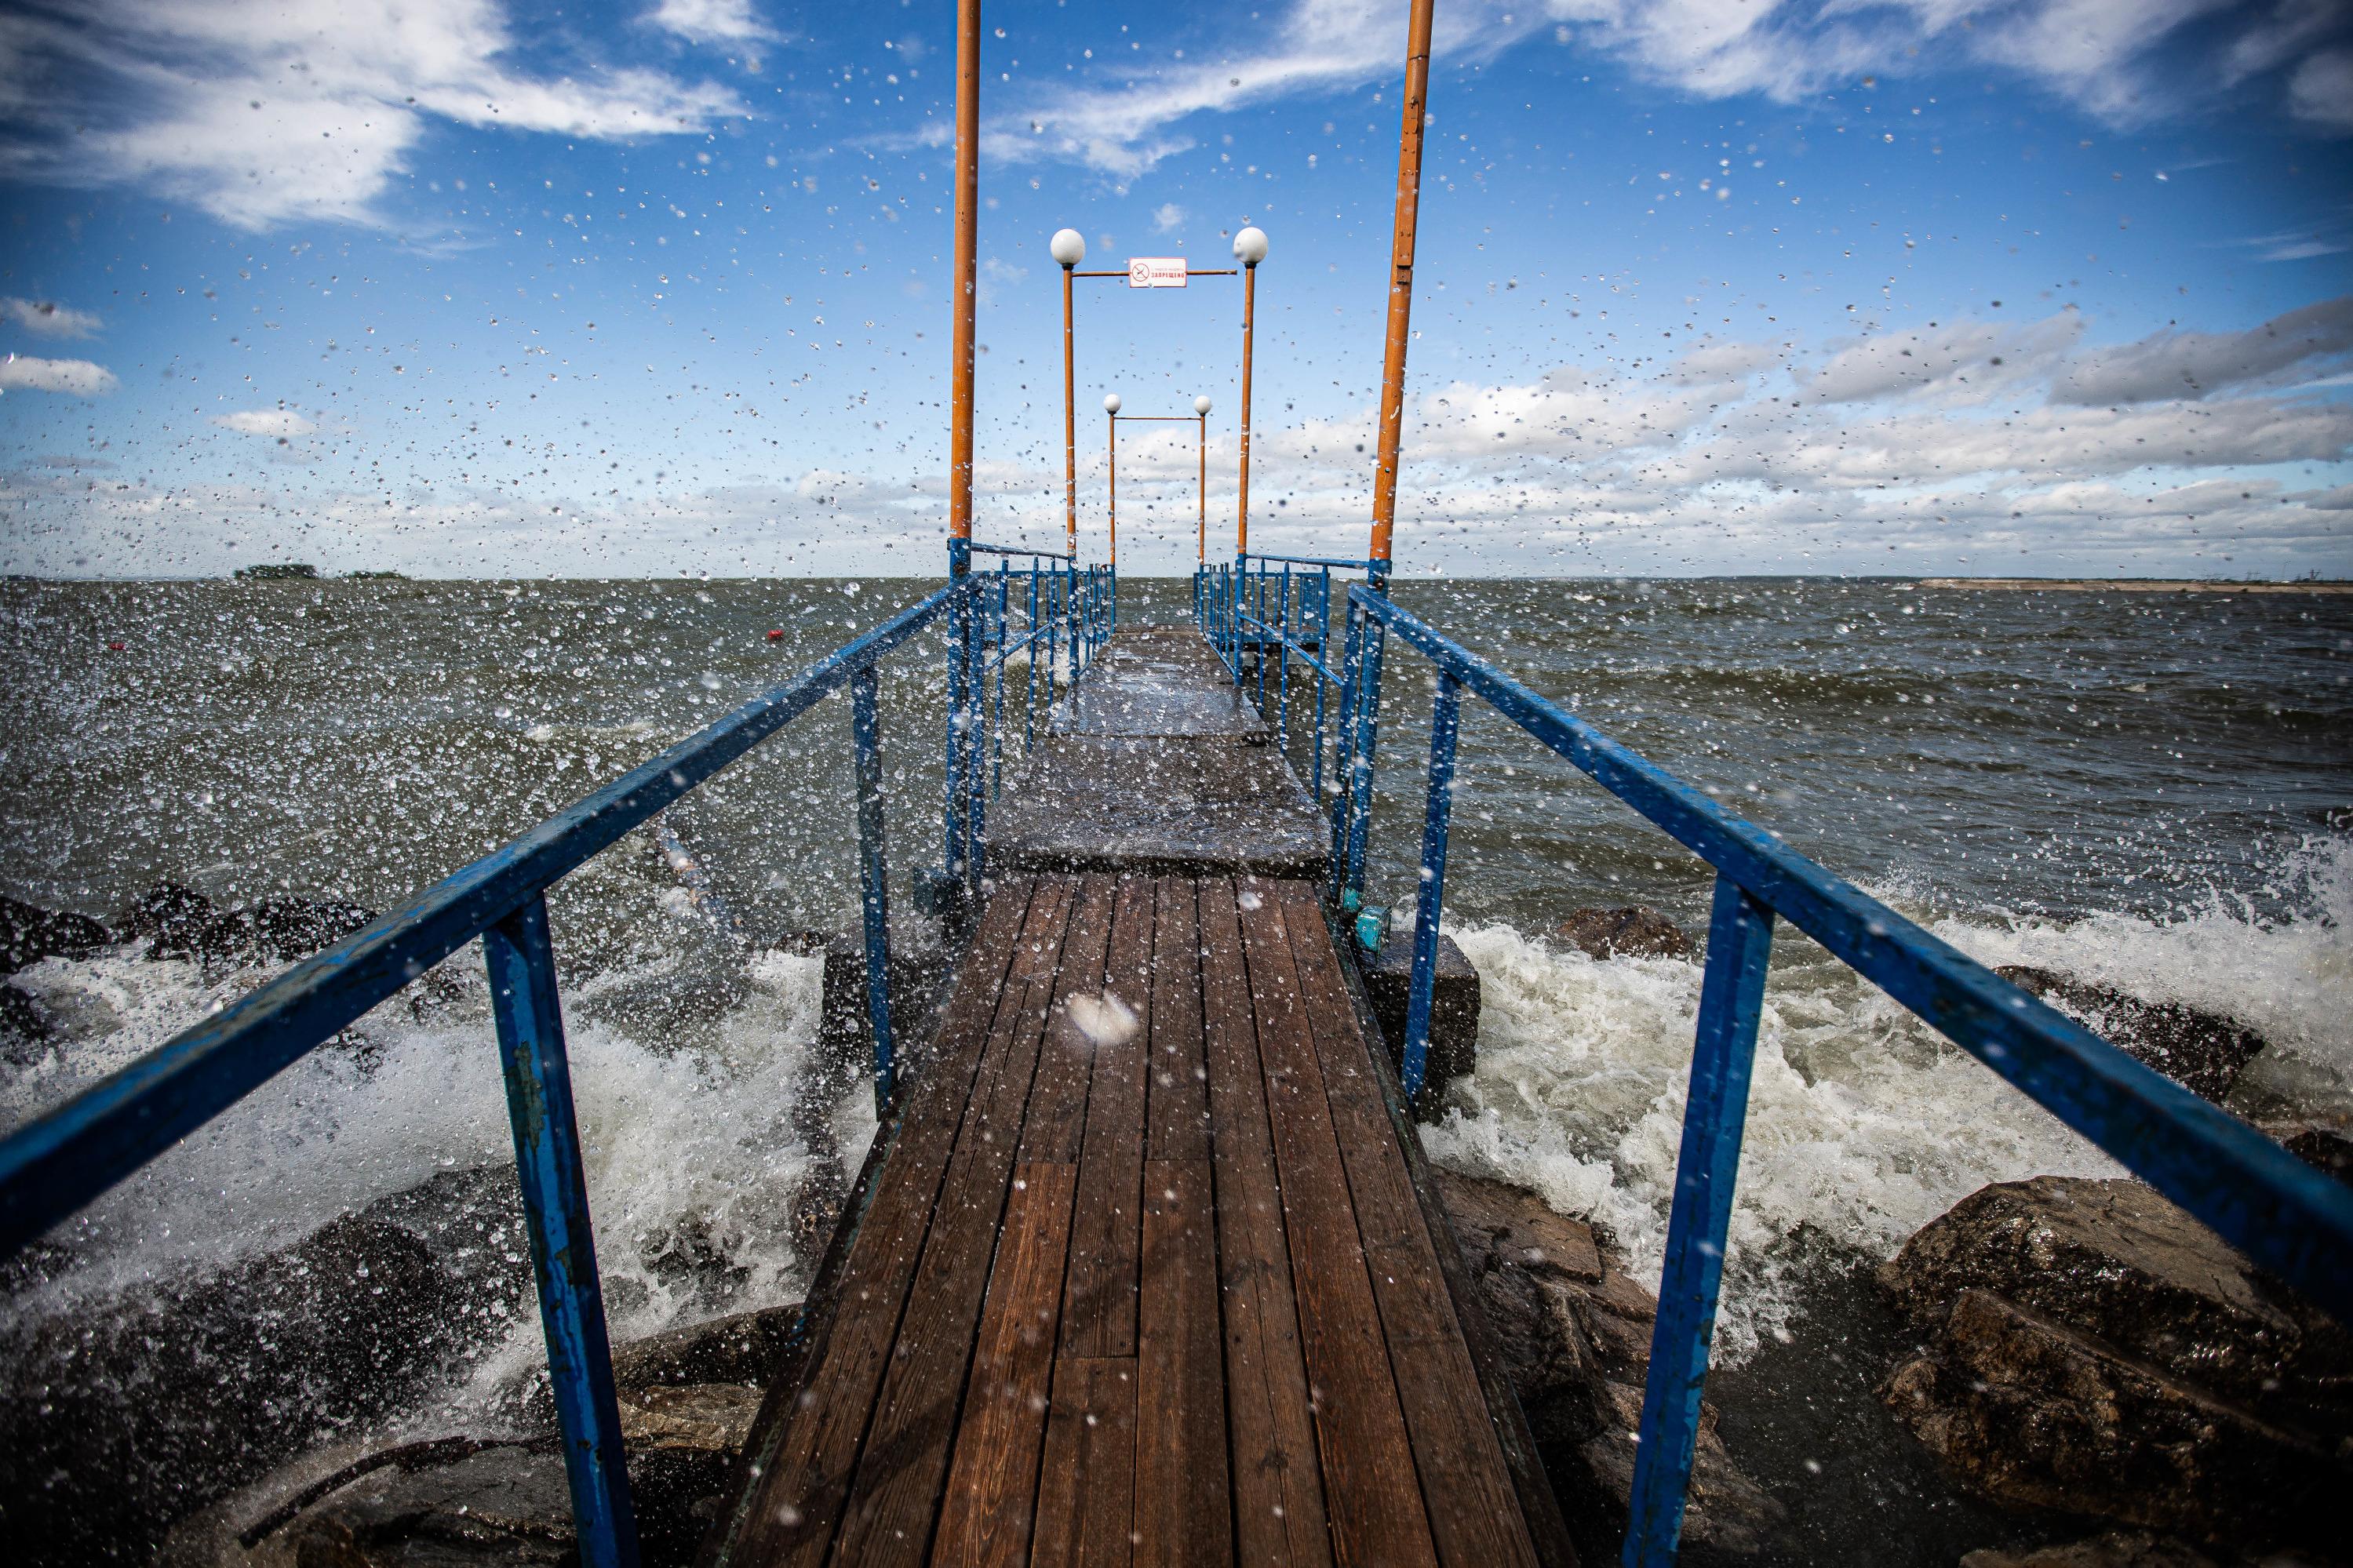 Сильный ветер, судя по прогнозу синоптиков, продержится в Новосибирске до конца дня